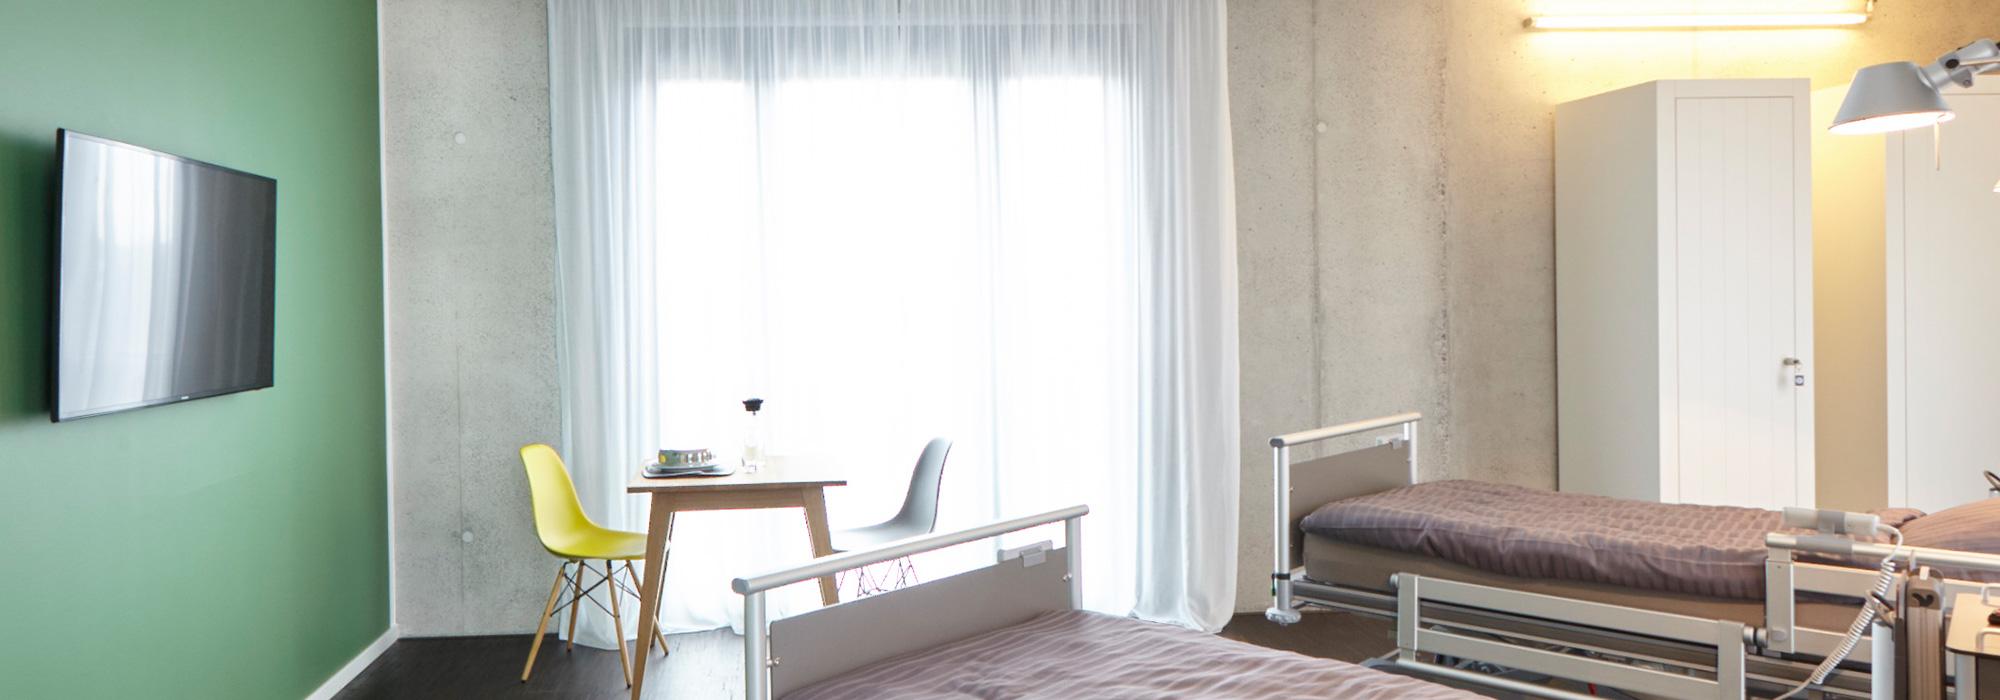 Zimmer mit <br />Hotelcharakter.